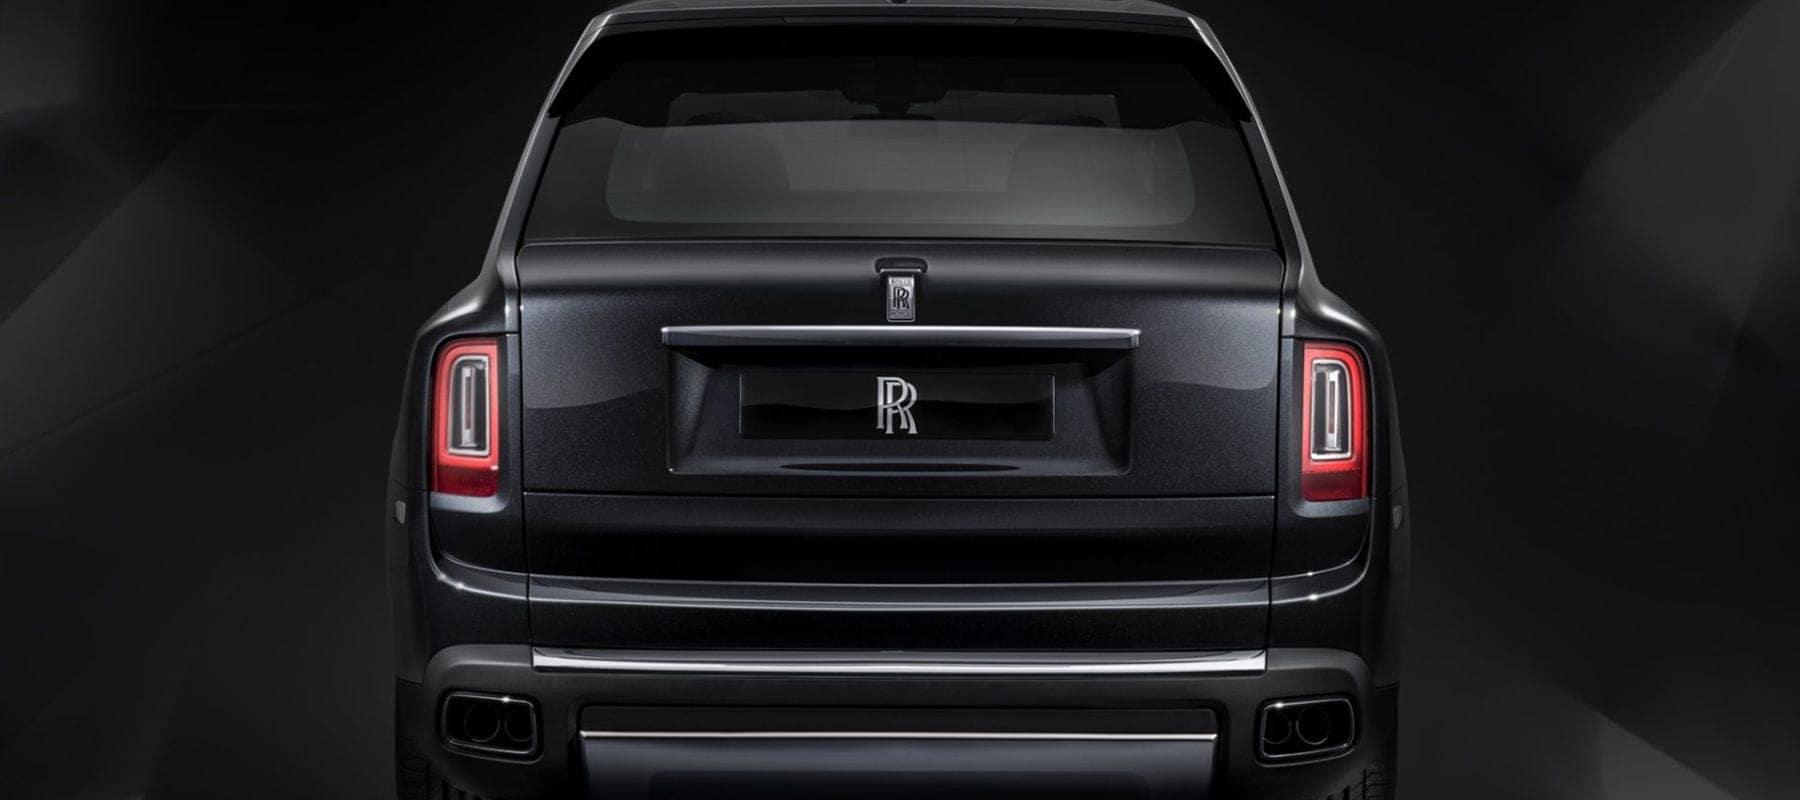 2019 Rolls Royce 22-RRMC-PP-CULLINAN-V2-1.jpg.rr.1920.MED